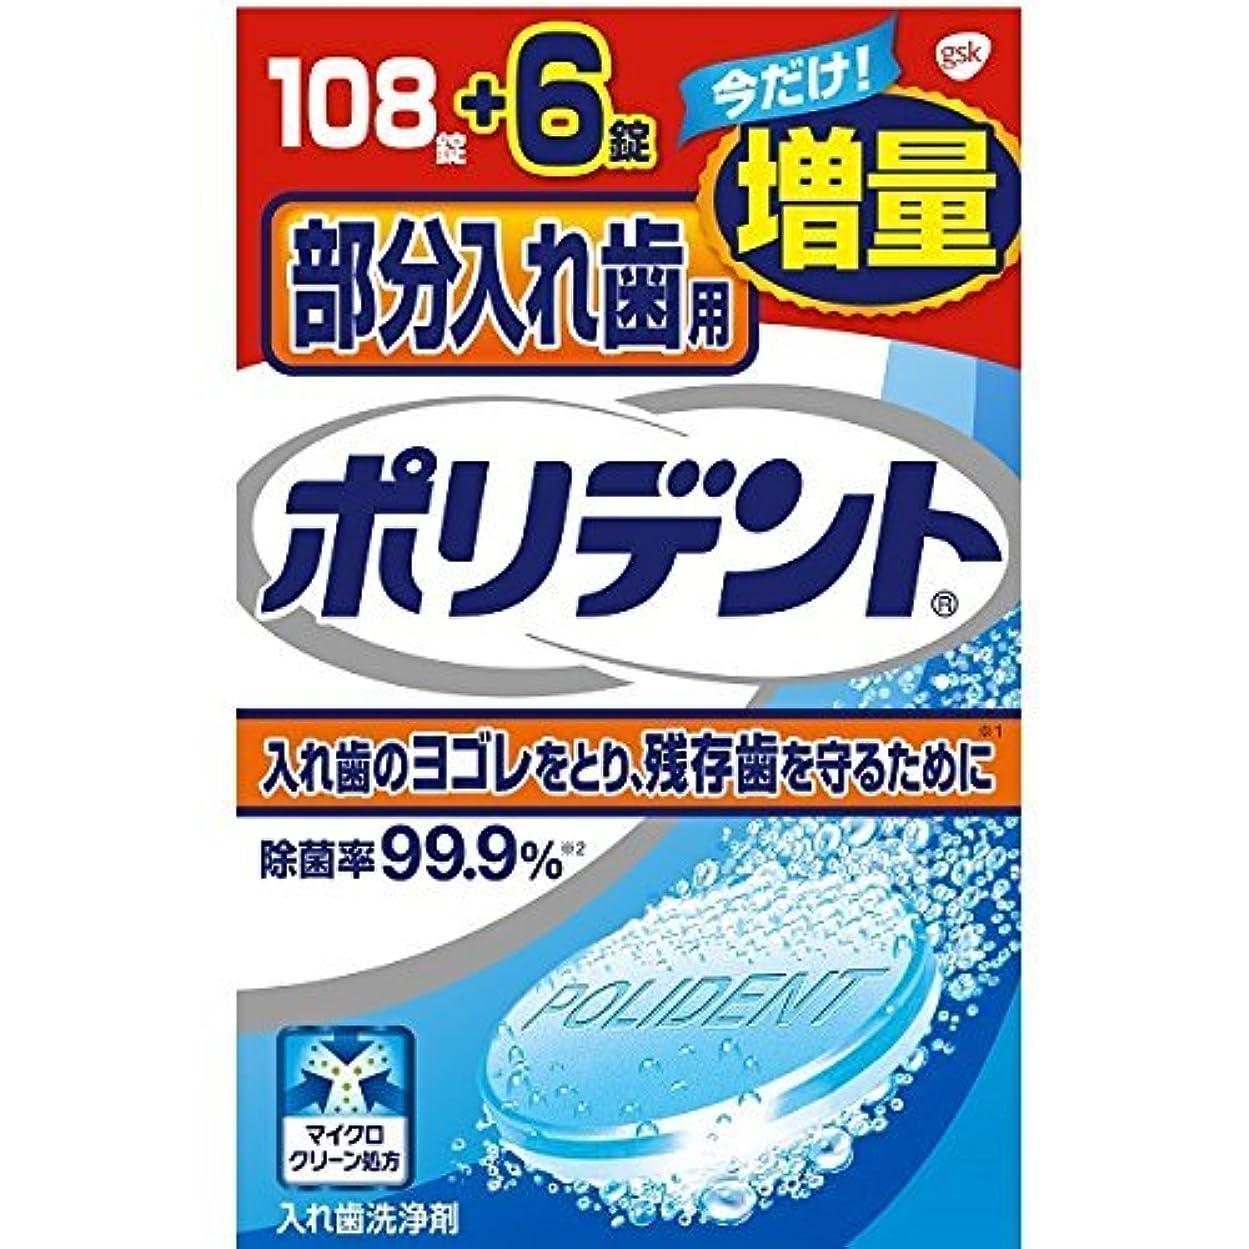 評議会モールス信号スリム部分入れ歯用ポリデント 108錠+6錠増量品